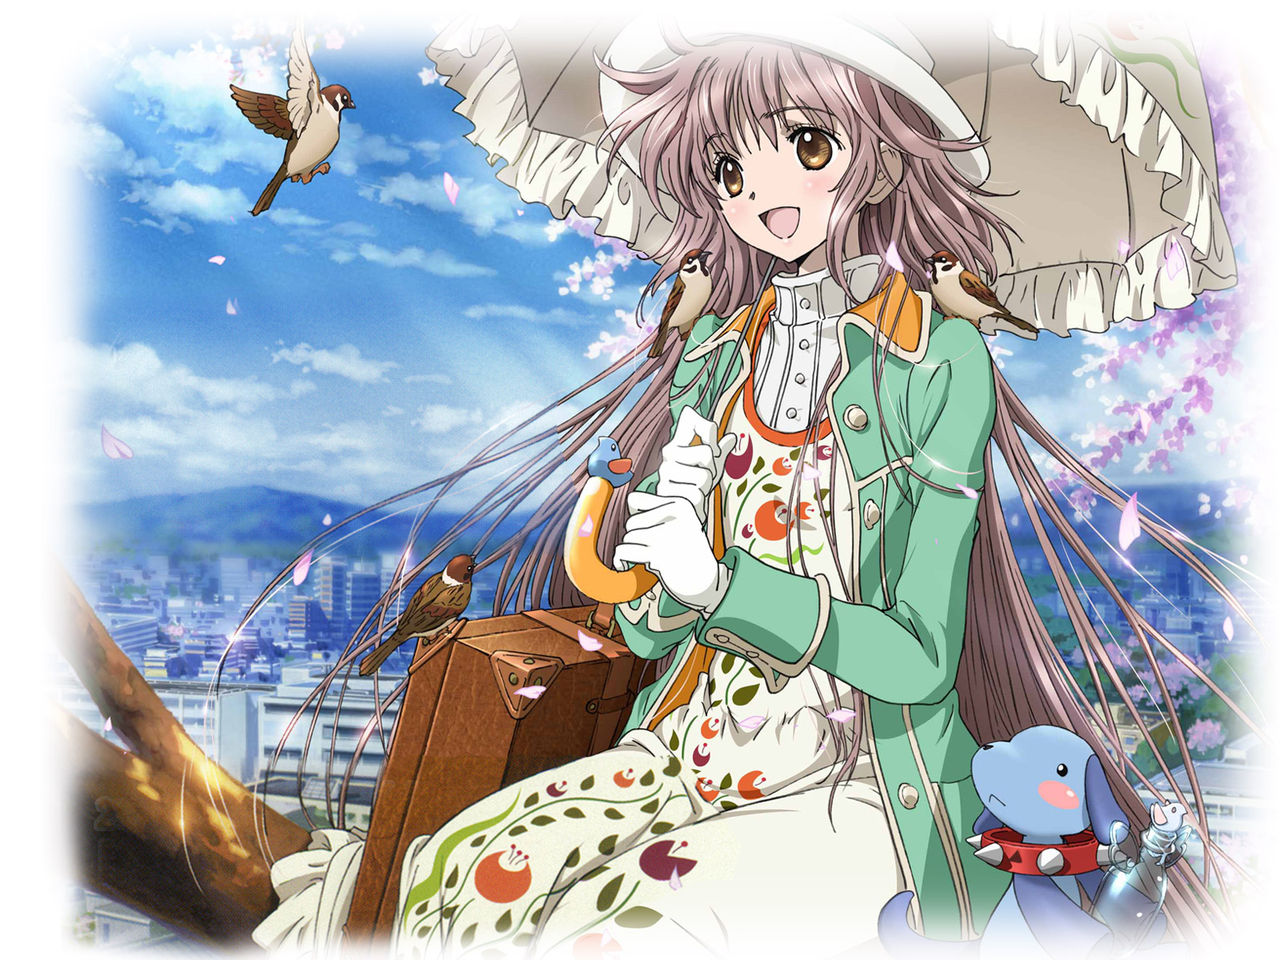 寻找满月_有哪些好看的日本动漫,要有小精灵的,想守护甜心、小小雪精灵 ...